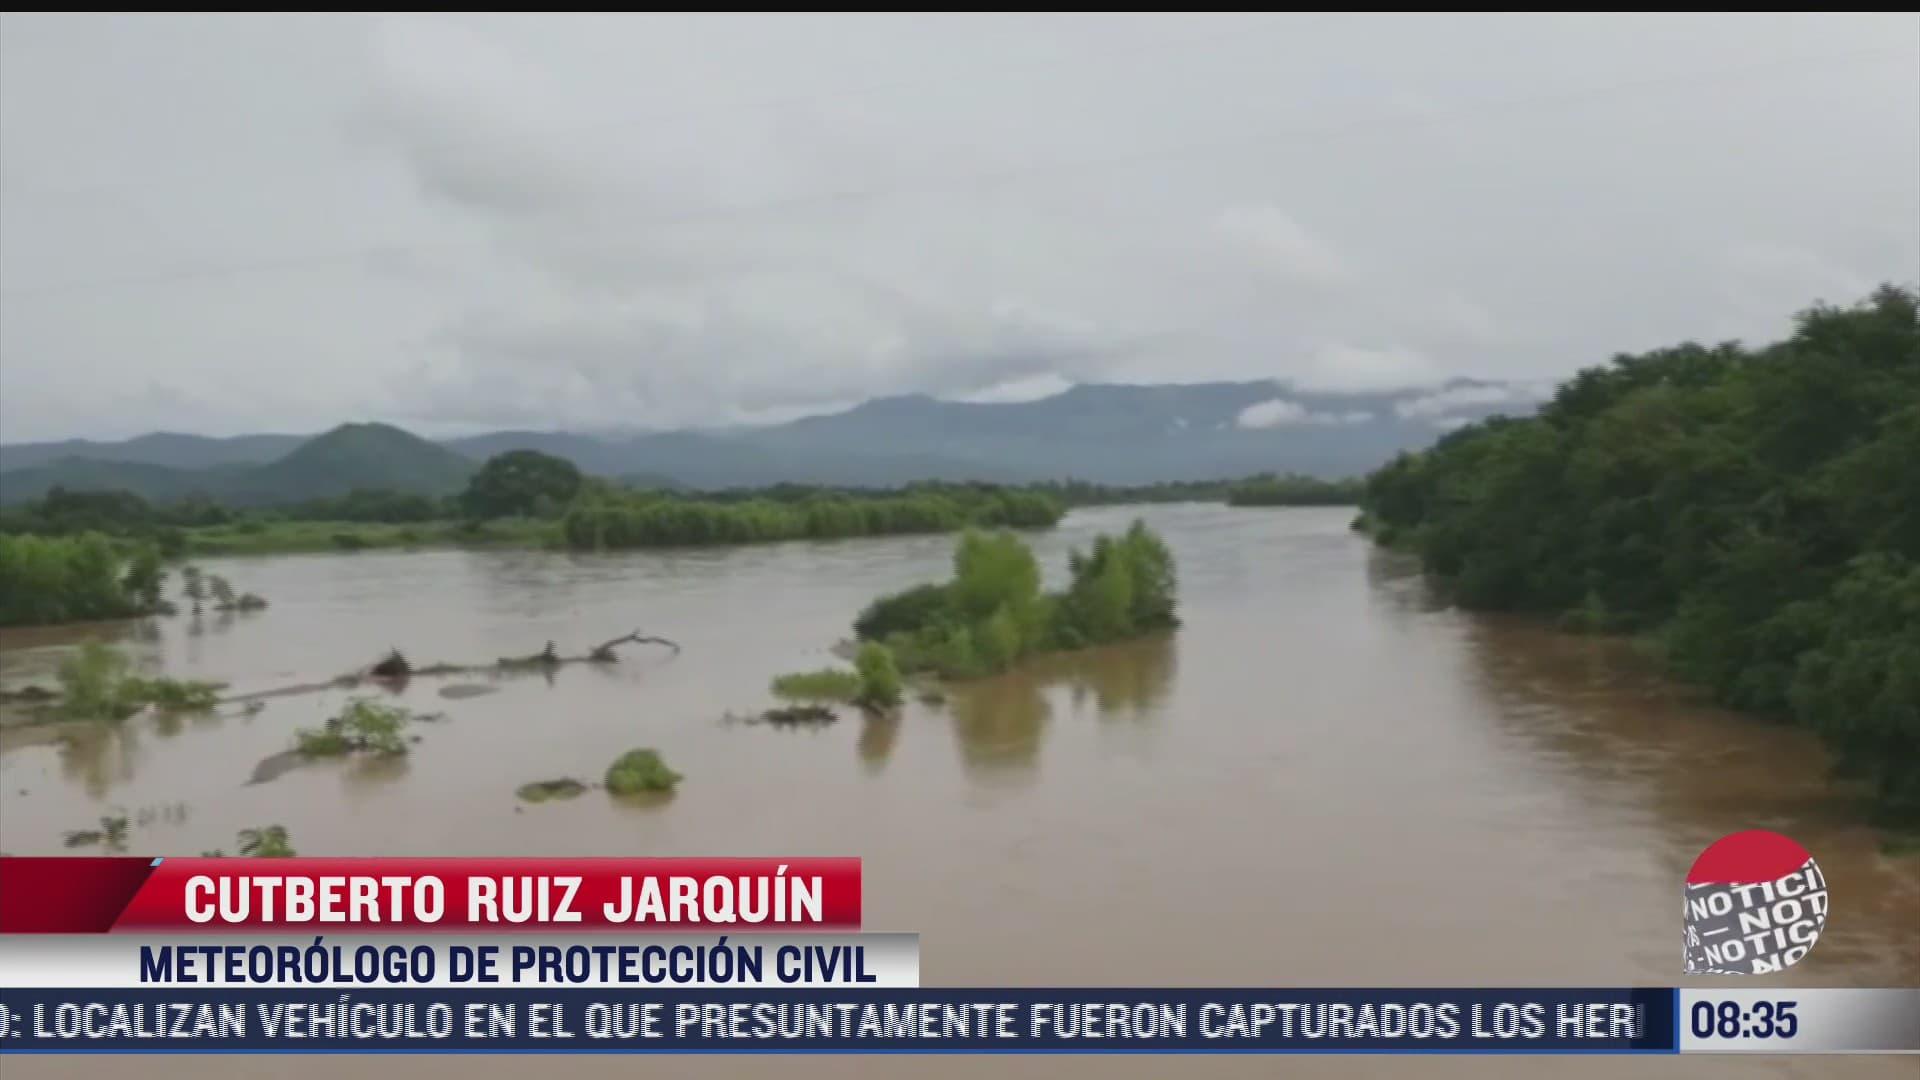 inicia temporada de huracanes 2021 en mexico